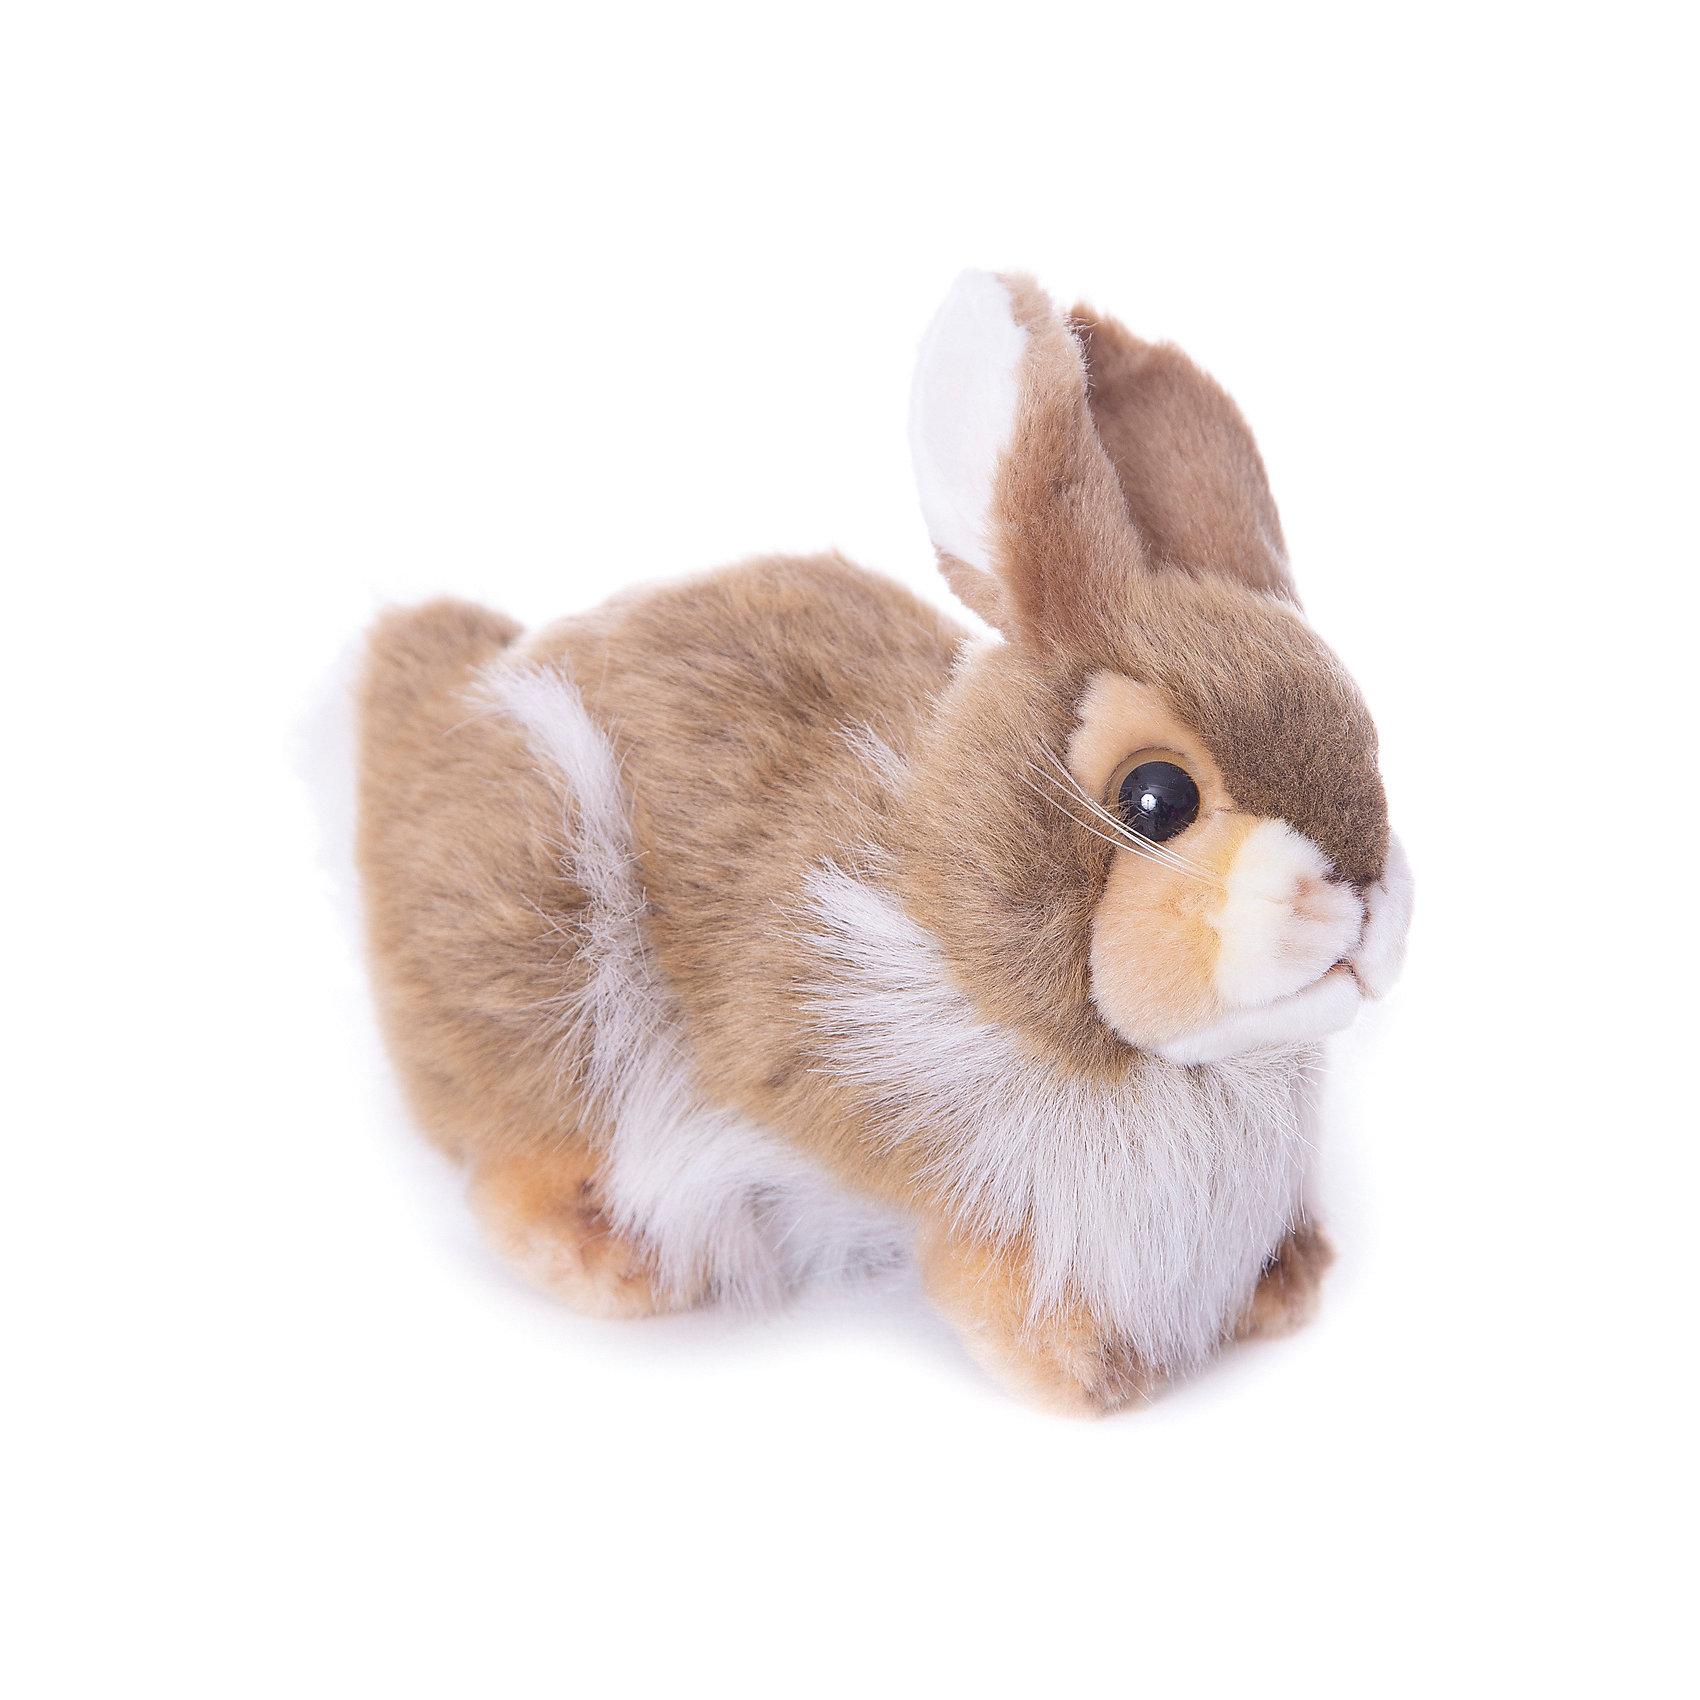 Кролик, 23 смЗайцы и кролики<br>Кролик, 23 см – игрушка от знаменитого бренда Hansa, специализирующегося на выпуске мягких игрушек с высокой степенью натуралистичности. Внешний вид игрушечного кролика полностью соответствует реальному прототипу – домашнему кролику. Он выполнен из искусственного меха с ворсом разной длины: короткий на лапках, ушках и мордочке, длинный – на туловище. Окрас игрушки – коричнево-белый. Использованные материалы обладают гипоаллергенными свойствами. Внутри игрушки имеется металлический каркас, позволяющий изменять положение. <br>Игрушка относится к серии Домашние животные. <br>Мягкие игрушки от Hansa подходят для сюжетно-ролевых игр, для обучающих игр, направленных на знакомство с миром живой природы. Кроме того, их можно использовать в качестве интерьерных игрушек. Коллекция из нескольких игрушек позволяет создать свою домашнюю ферму, которая будет радовать вашего ребенка долгое время, так как ручная работа и качественные материалы гарантируют их долговечность и прочность.<br><br>Дополнительная информация:<br><br>- Вид игр: сюжетно-ролевые игры, коллекционирование, интерьерные игрушки<br>- Предназначение: для дома, для детских развивающих центров, для детских садов<br>- Материал: искусственный мех, наполнитель ? полиэфирное волокно<br>- Размер (ДхШхВ): 23*18*11 см<br>- Вес: 570 г<br>- Особенности ухода: сухая чистка при помощи пылесоса или щетки для одежды<br><br>Подробнее:<br><br>• Для детей в возрасте: от 3 лет <br>• Страна производитель: Филиппины<br>• Торговый бренд: Hansa<br><br>Кролика, 23 см можно купить в нашем интернет-магазине.<br><br>Ширина мм: 23<br>Глубина мм: 18<br>Высота мм: 11<br>Вес г: 570<br>Возраст от месяцев: 36<br>Возраст до месяцев: 2147483647<br>Пол: Унисекс<br>Возраст: Детский<br>SKU: 4927145